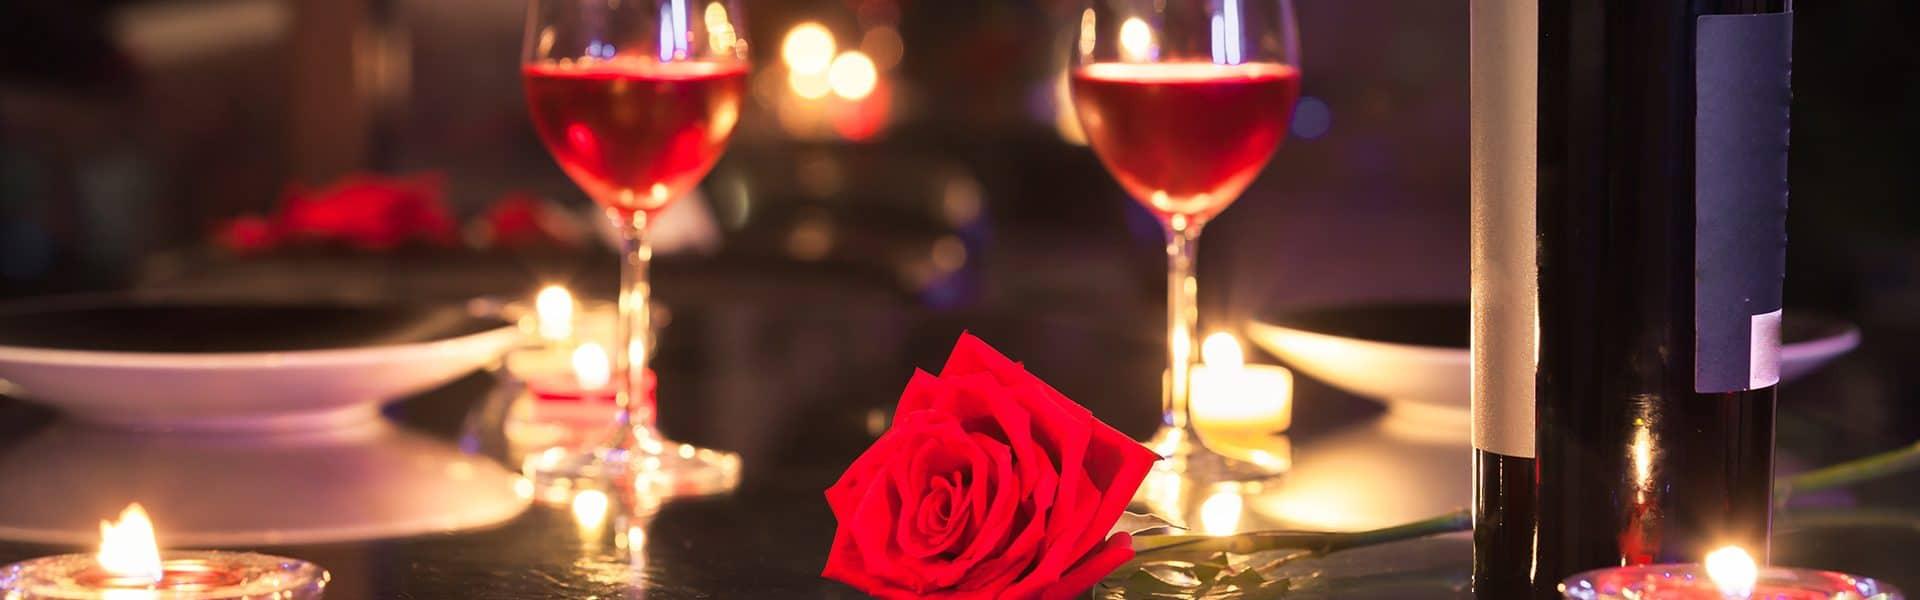 mesa-posta-dia-dos-namorados-dicas-para-montar-uma-composição-romântica-capa